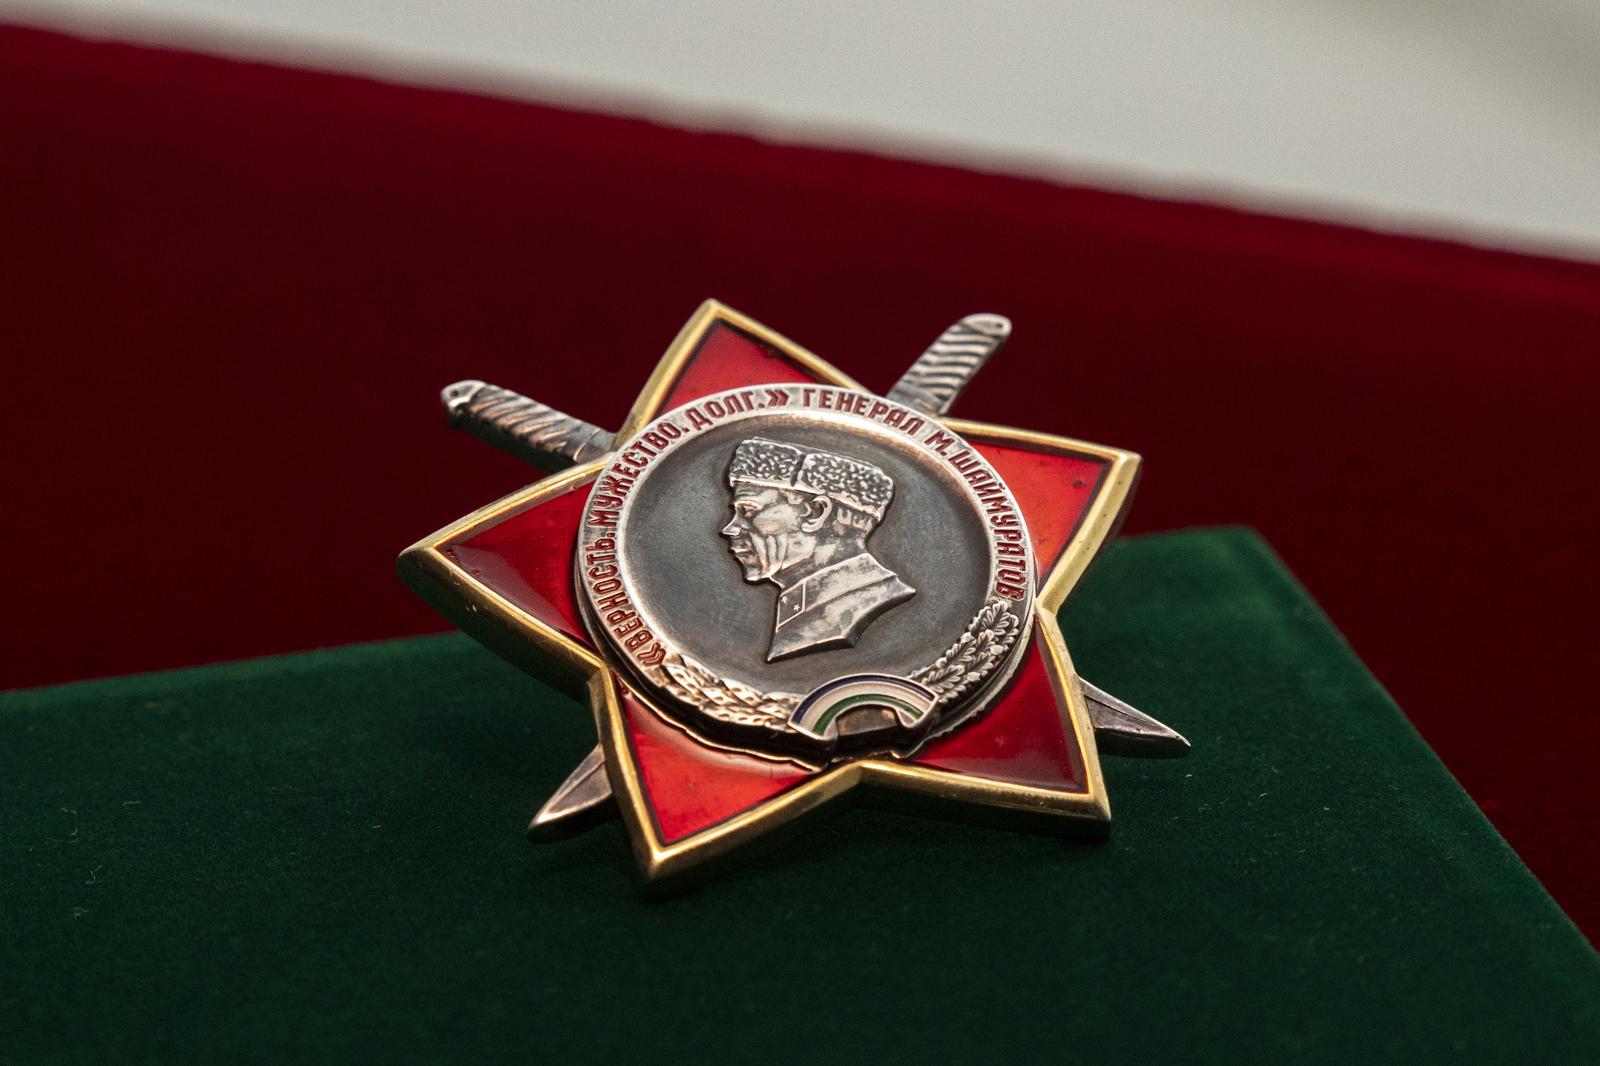 Глава Башкортостана вручил первые ордена генерала Шаймуратова